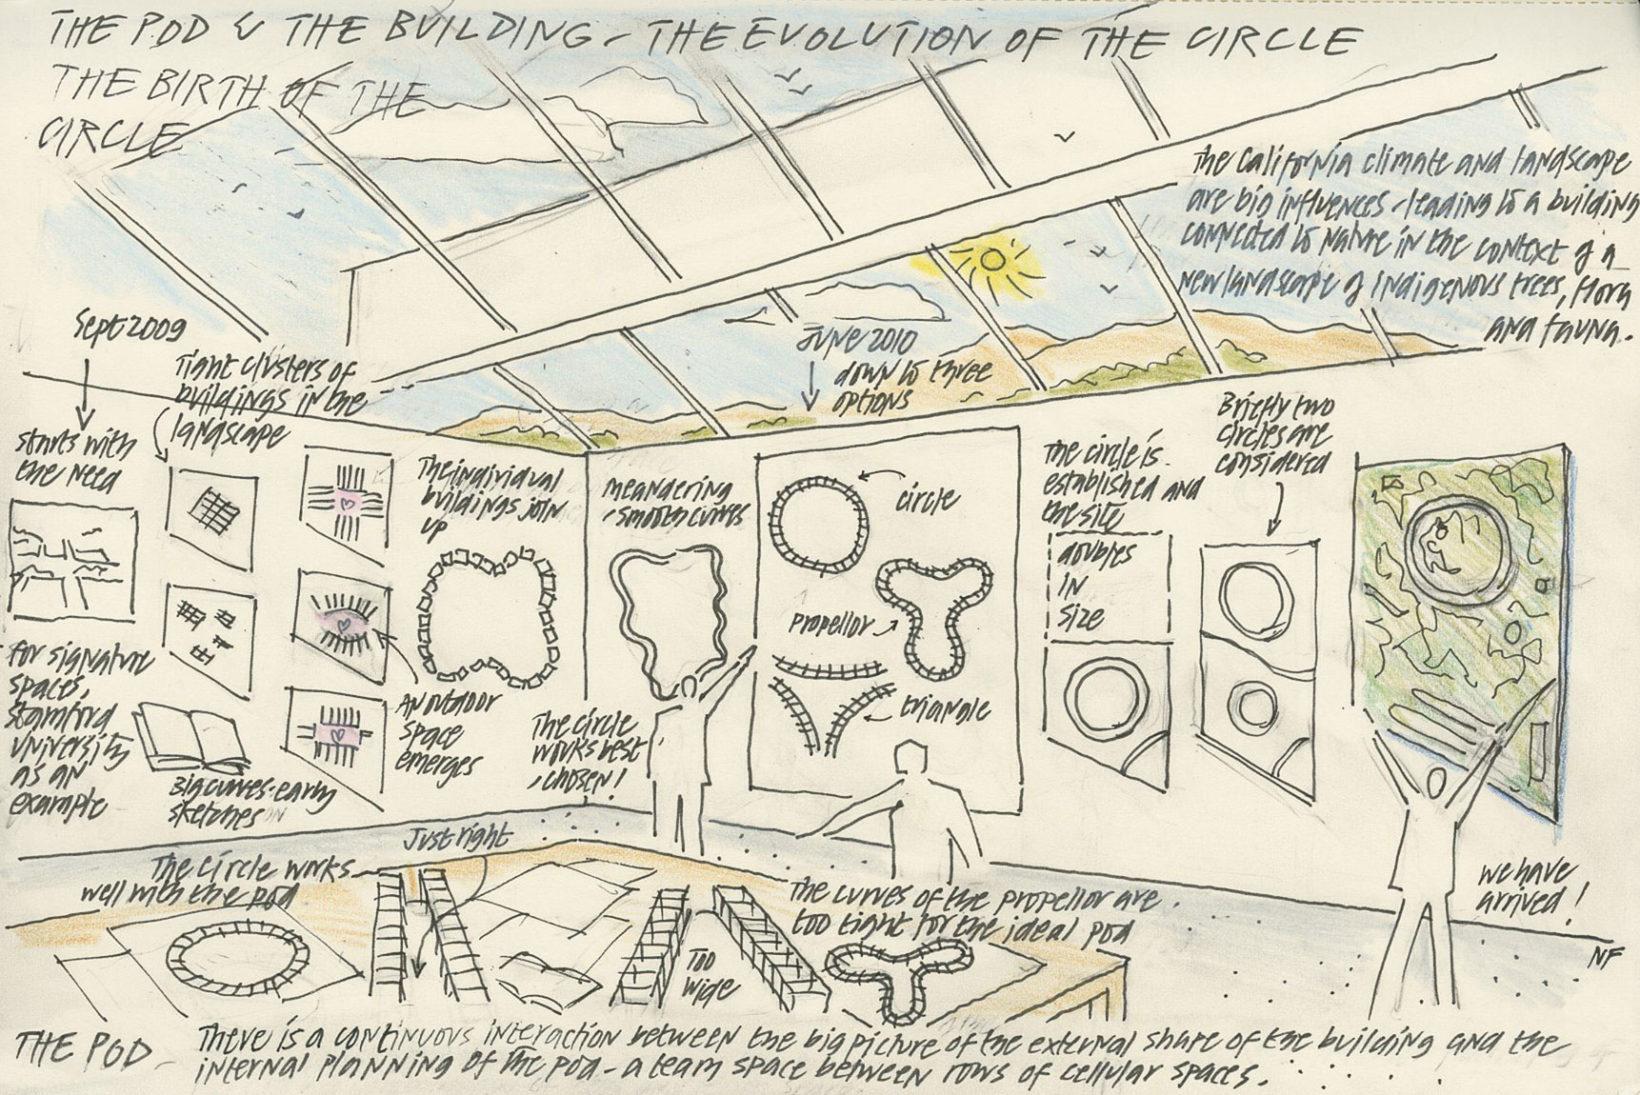 Bozzetti dello studio Norman Foster sull'evoluzione del campus, dalla forma a propulsore alla forma circolare.